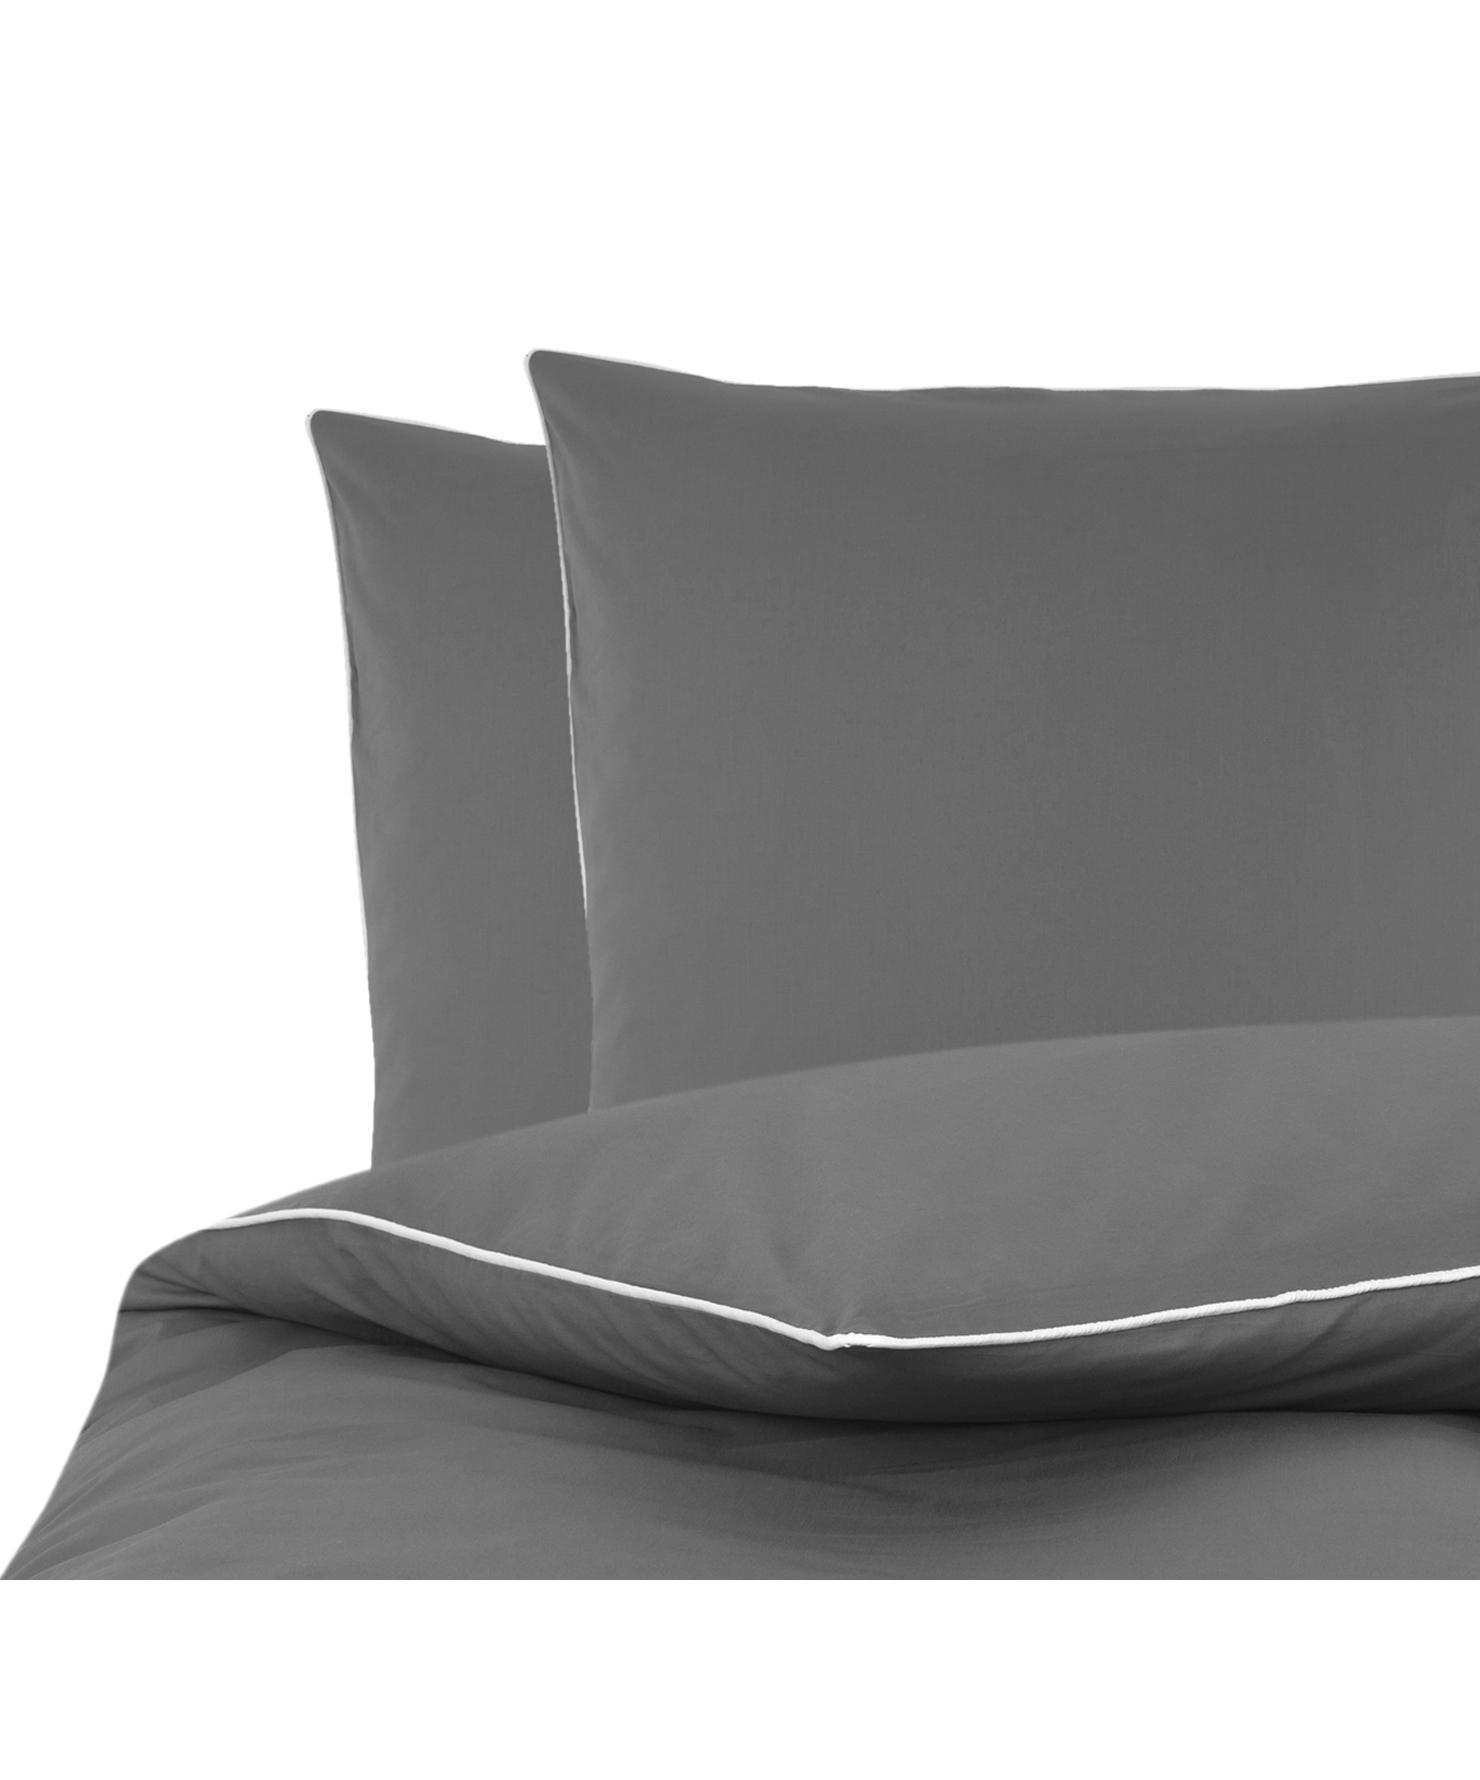 Pościel z perkalu z lamówką Daria, Ciemny szary Wykończenie brzegów: biały, 200 x 200 cm